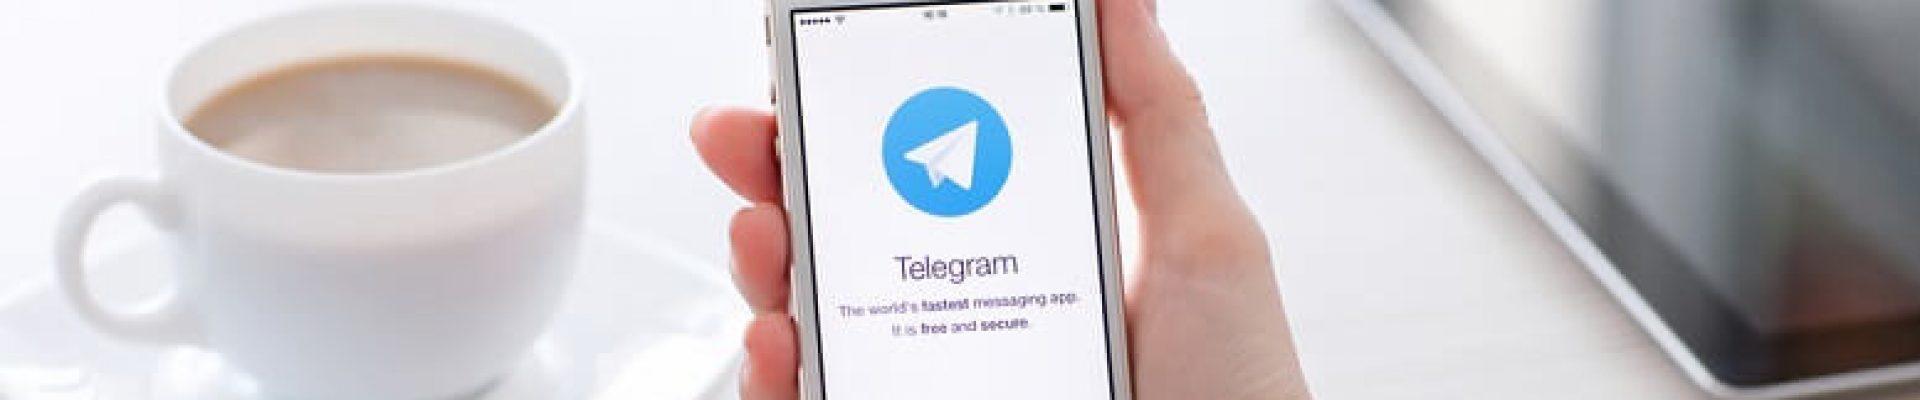 Telegram-1.jpg